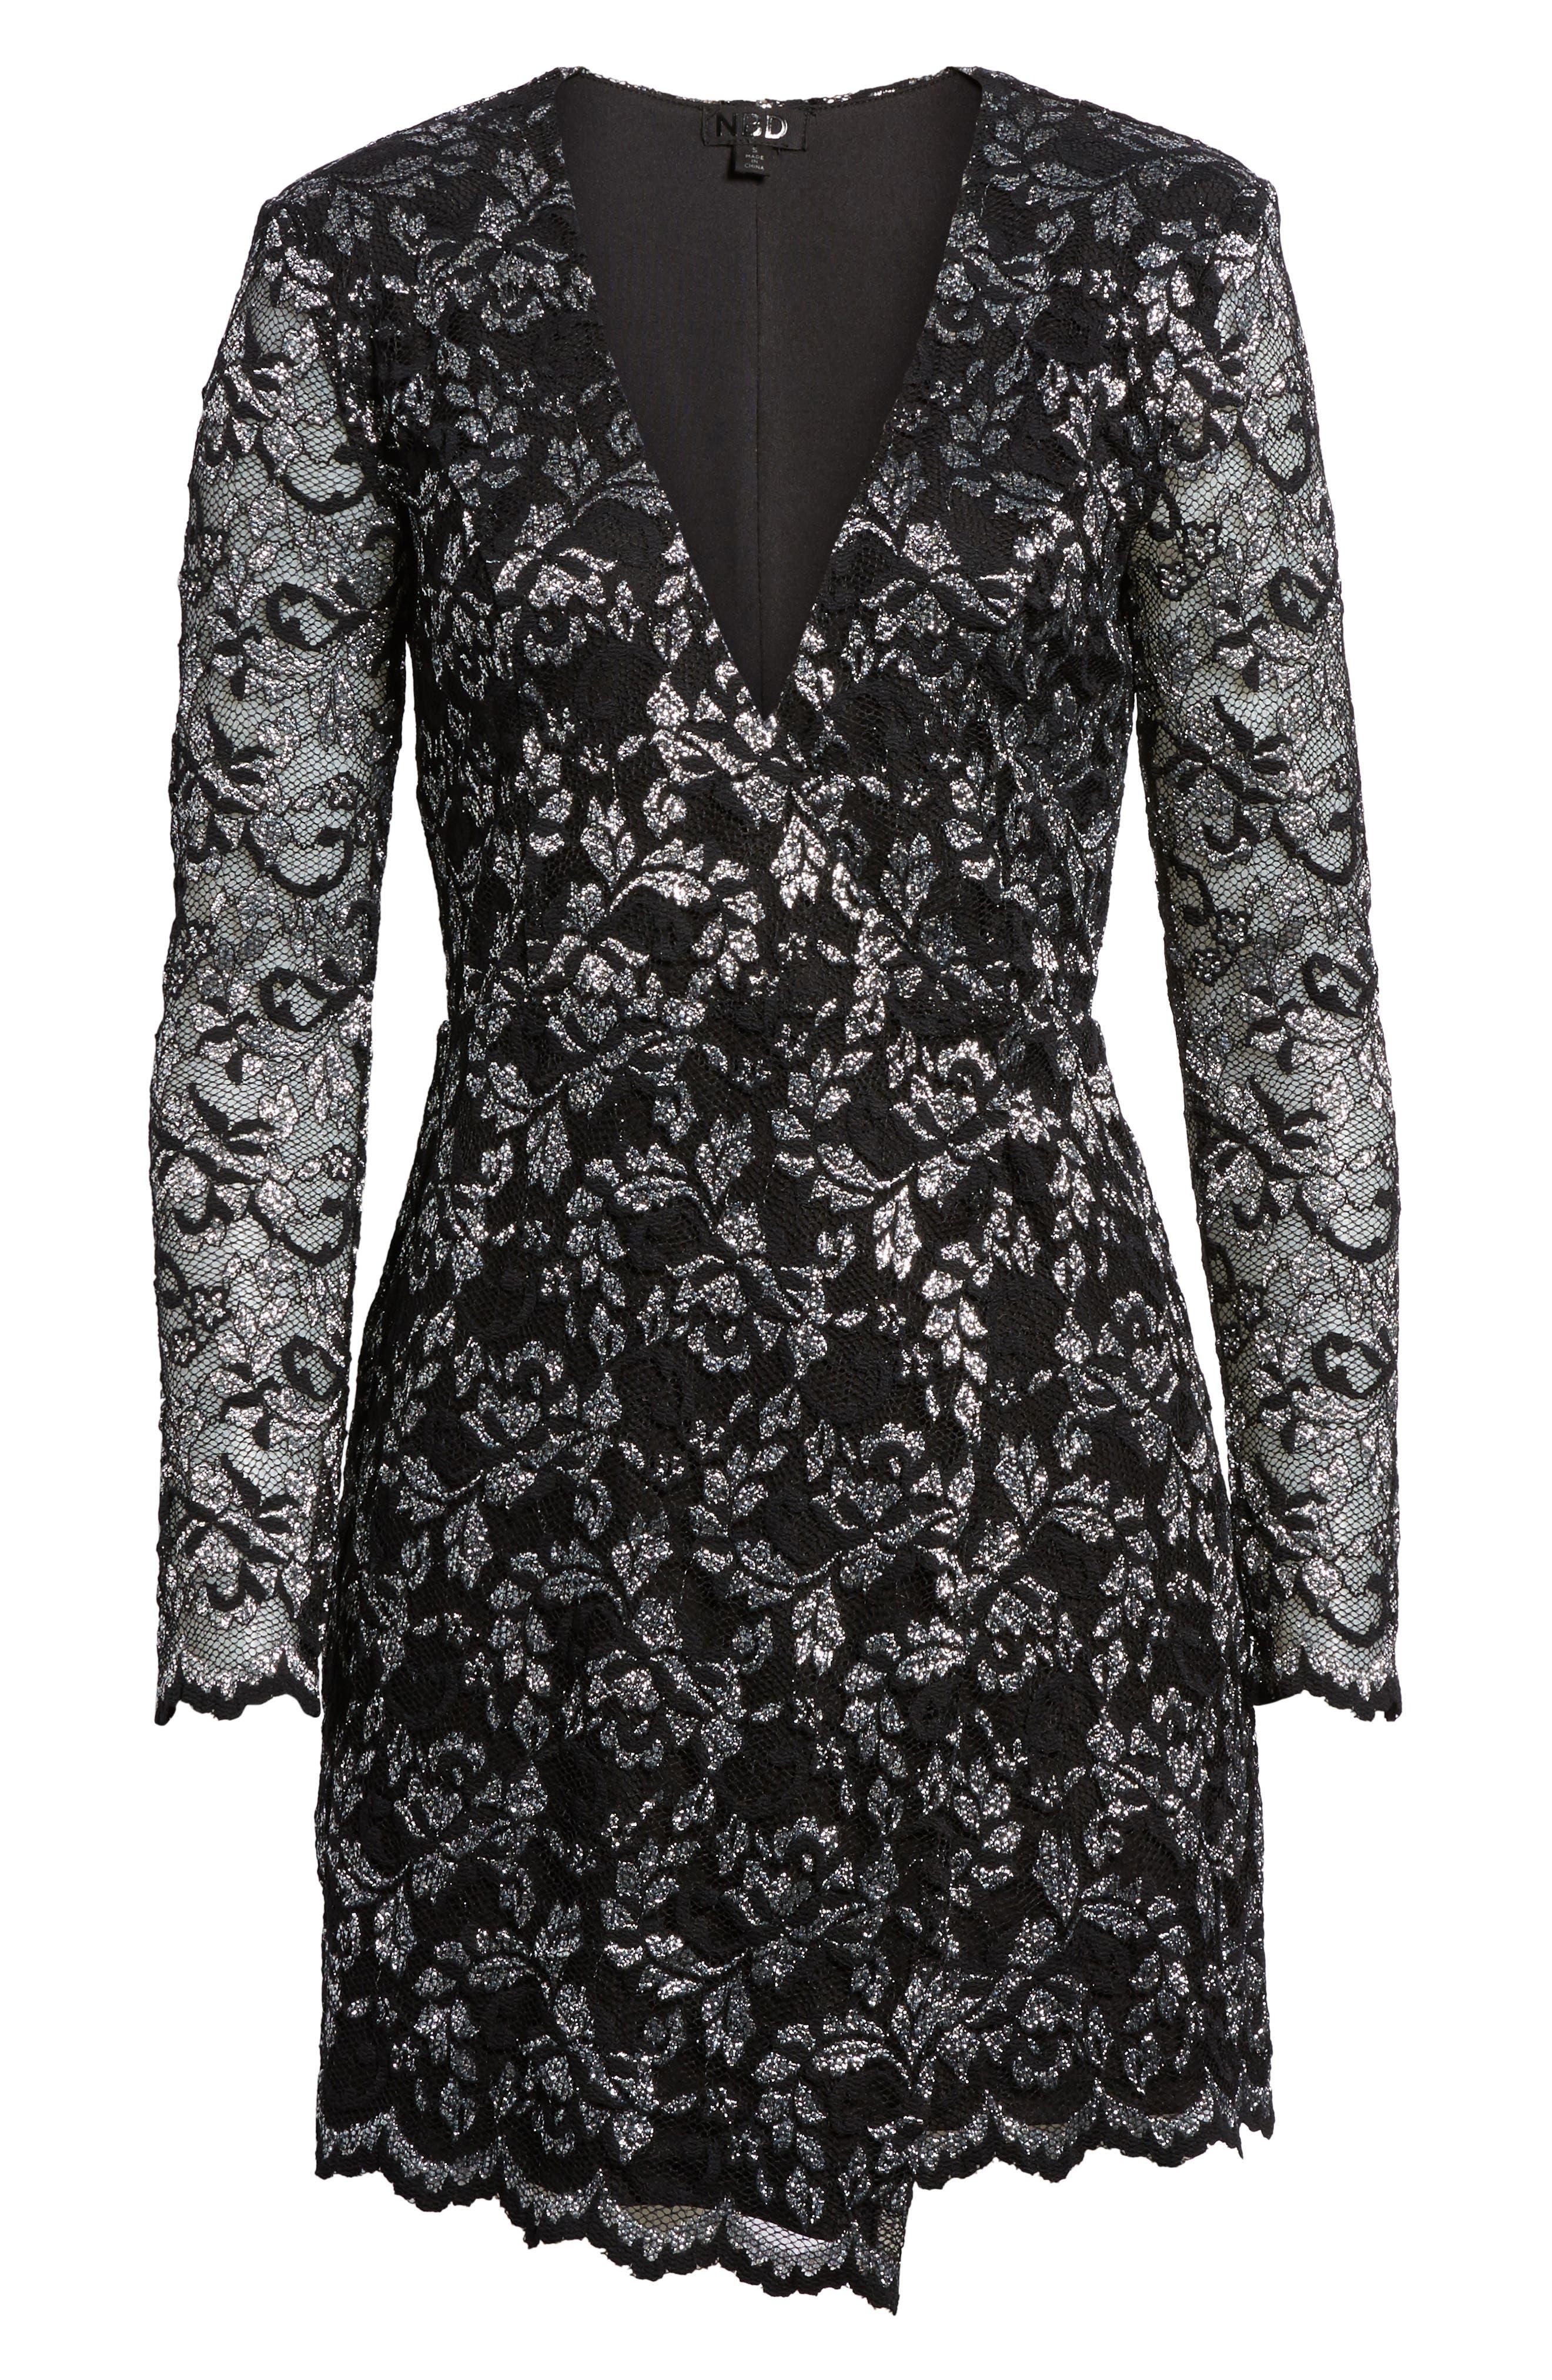 Laney Metallic Lace Wrap Dress,                             Alternate thumbnail 6, color,                             Black/ Silver